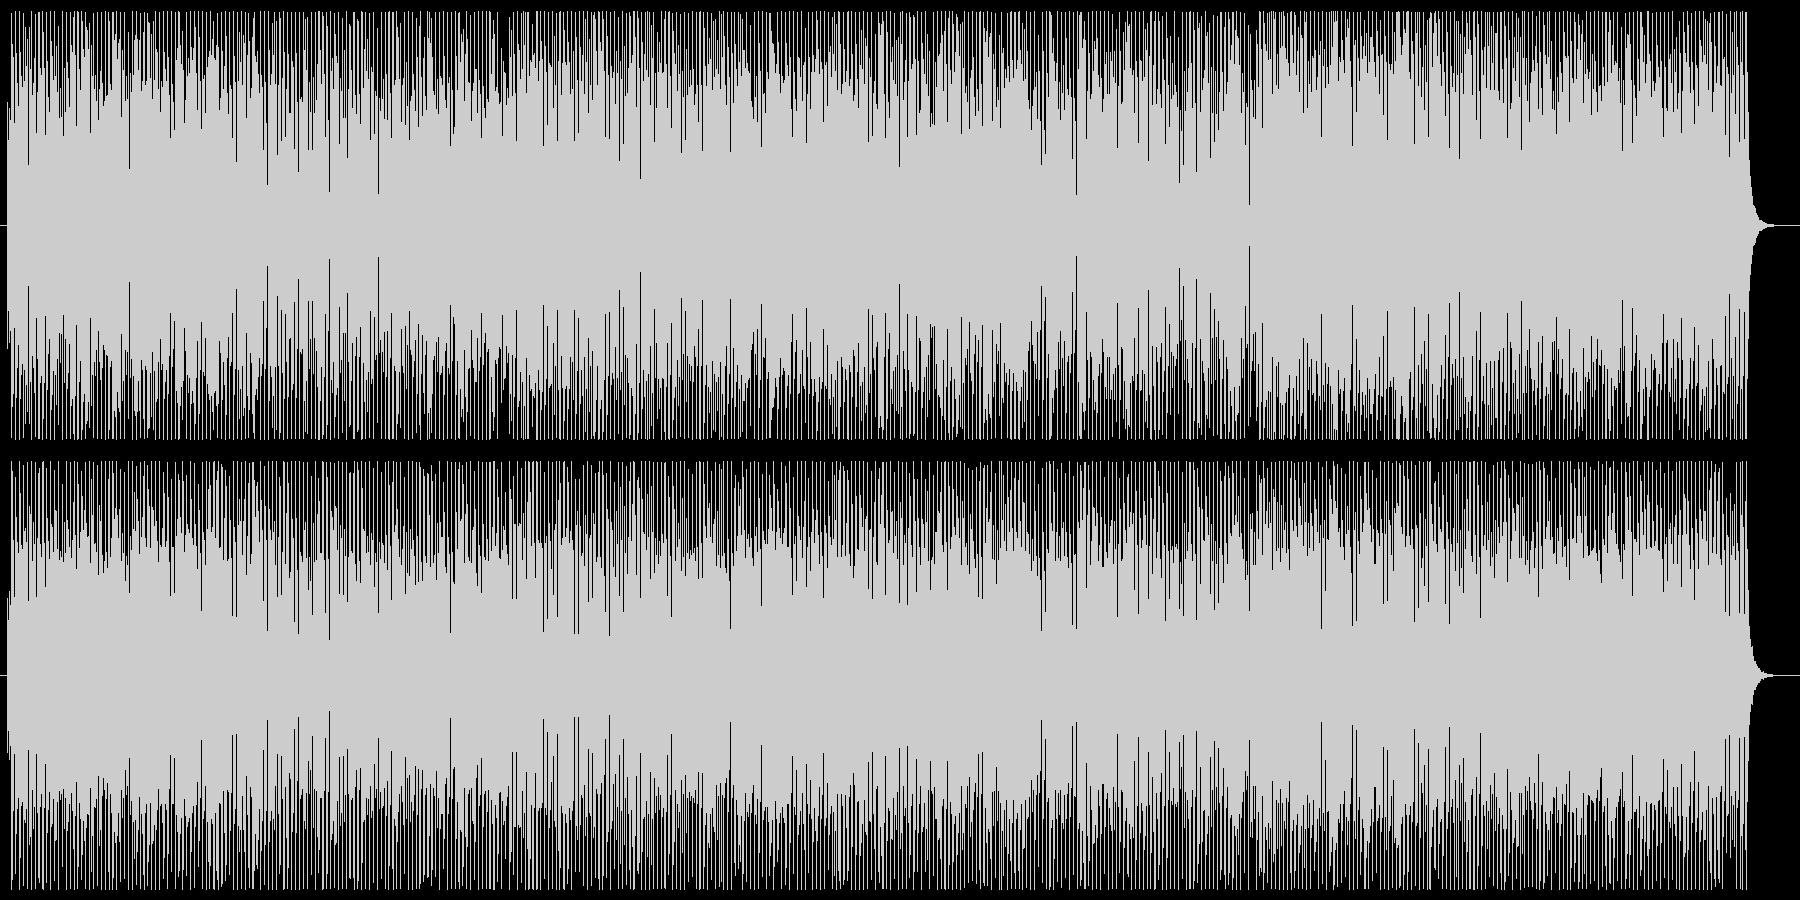 セール・イベントTVCM用の和風・正月曲の未再生の波形